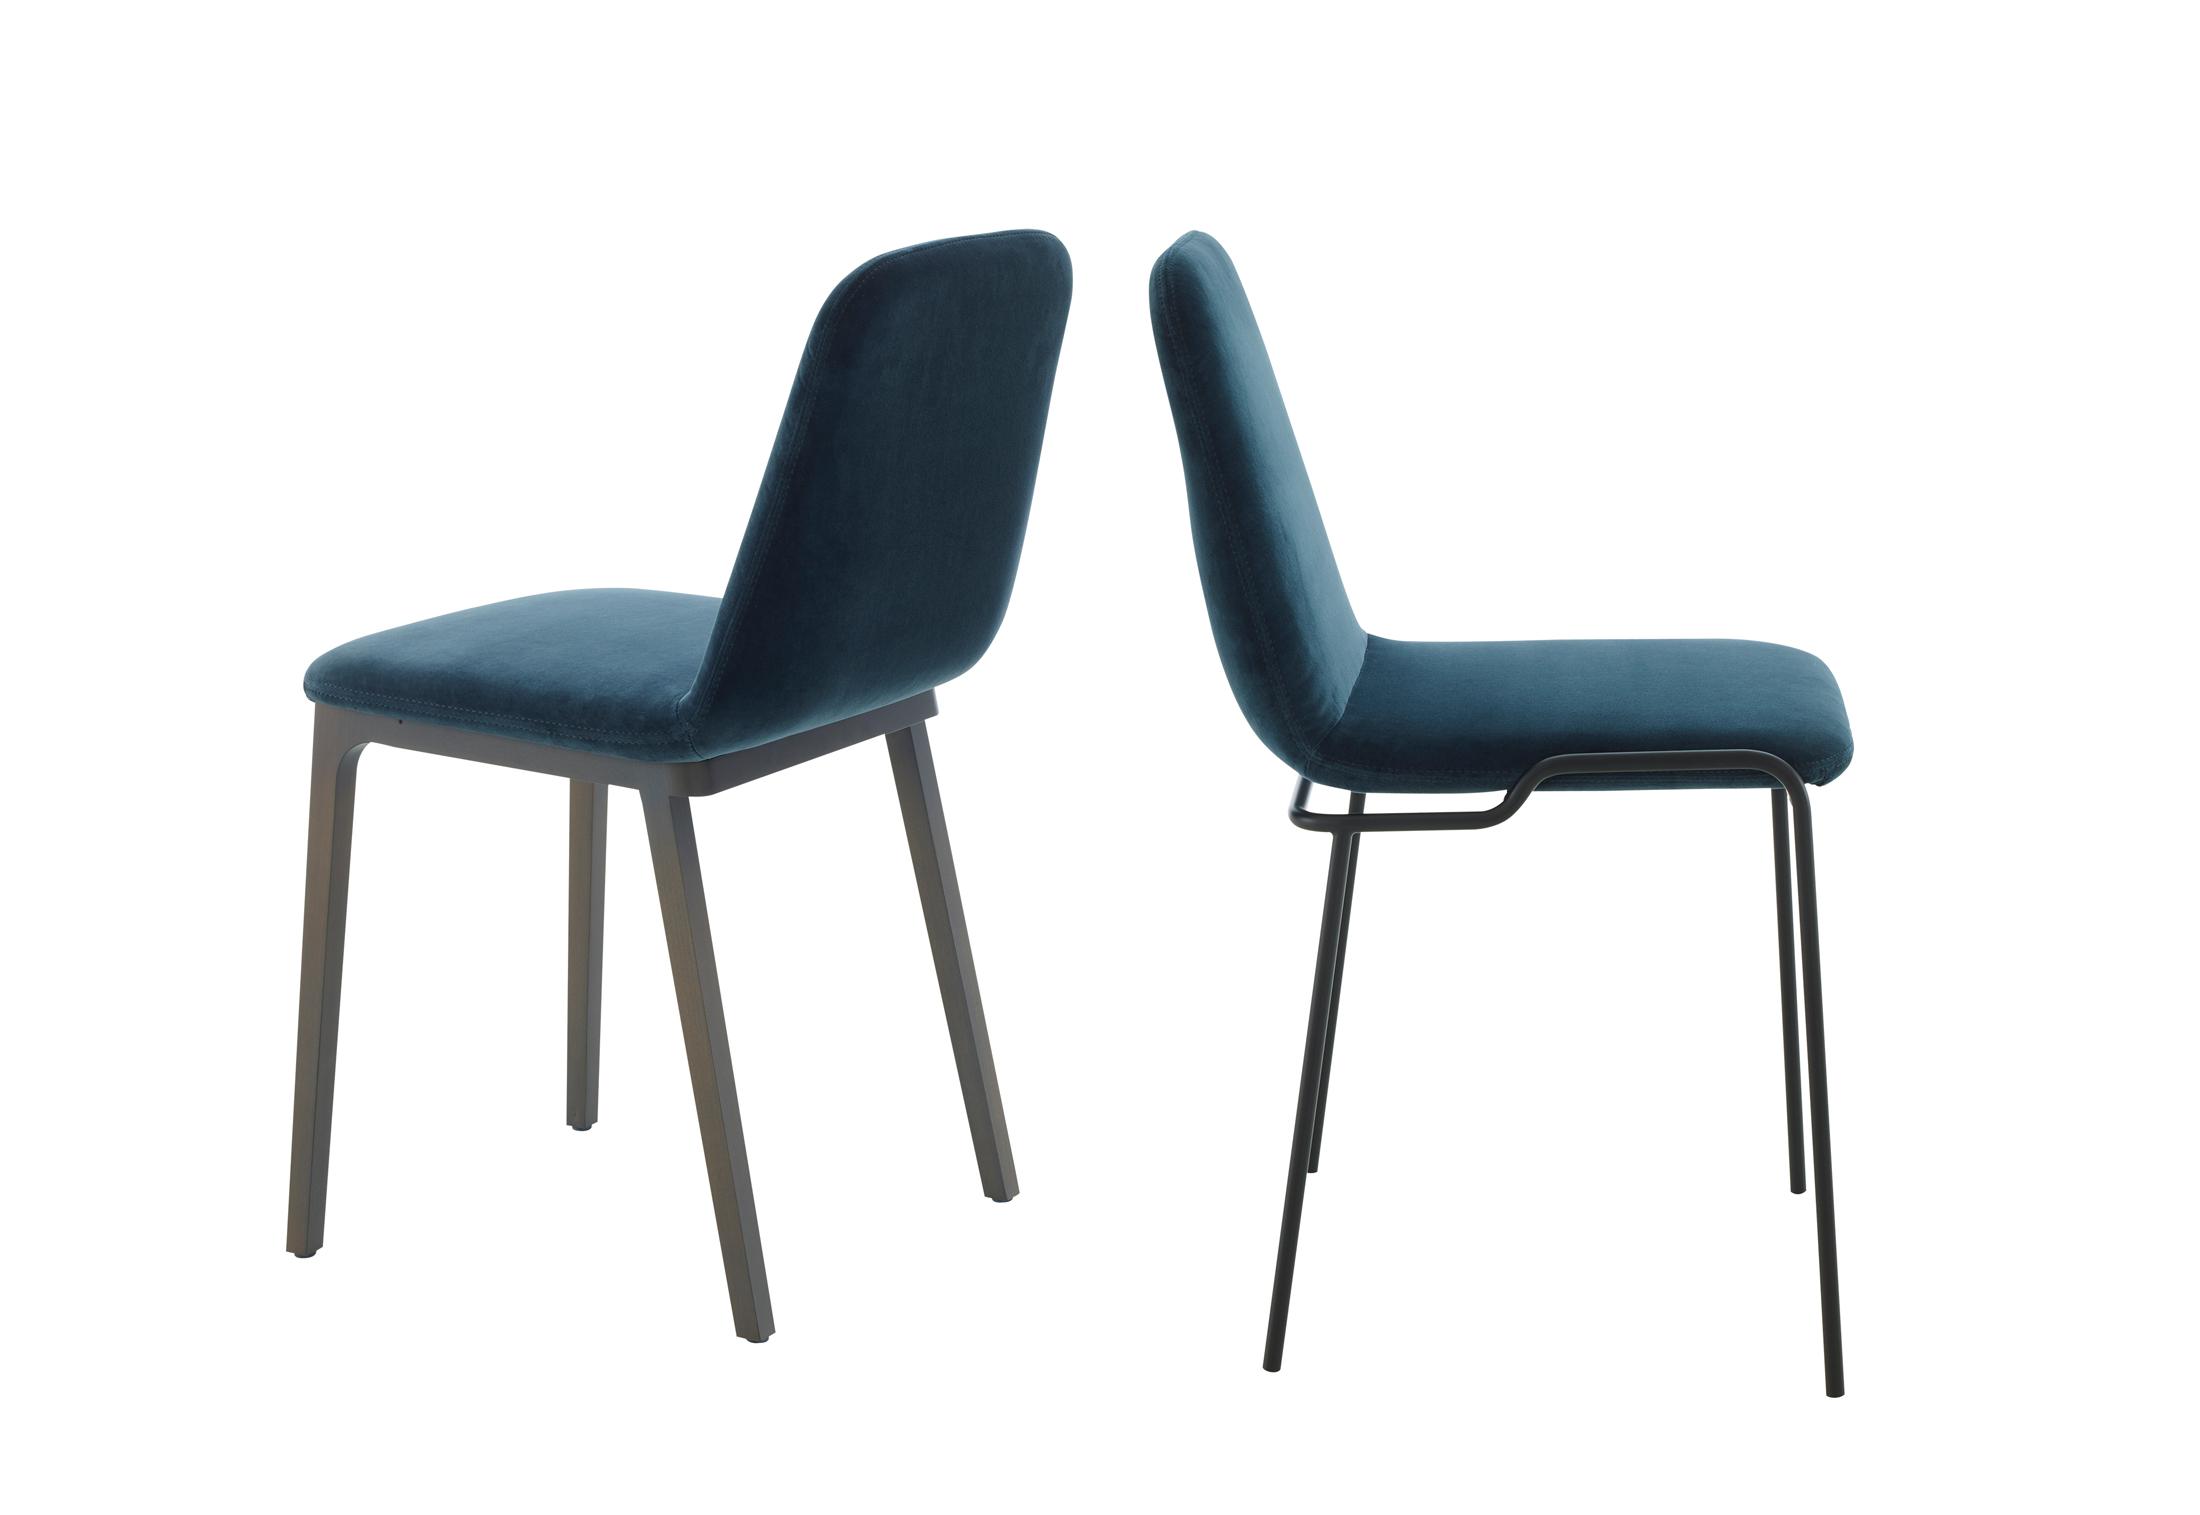 tadao stuhl mit metallbeinen von ligne roset stylepark. Black Bedroom Furniture Sets. Home Design Ideas